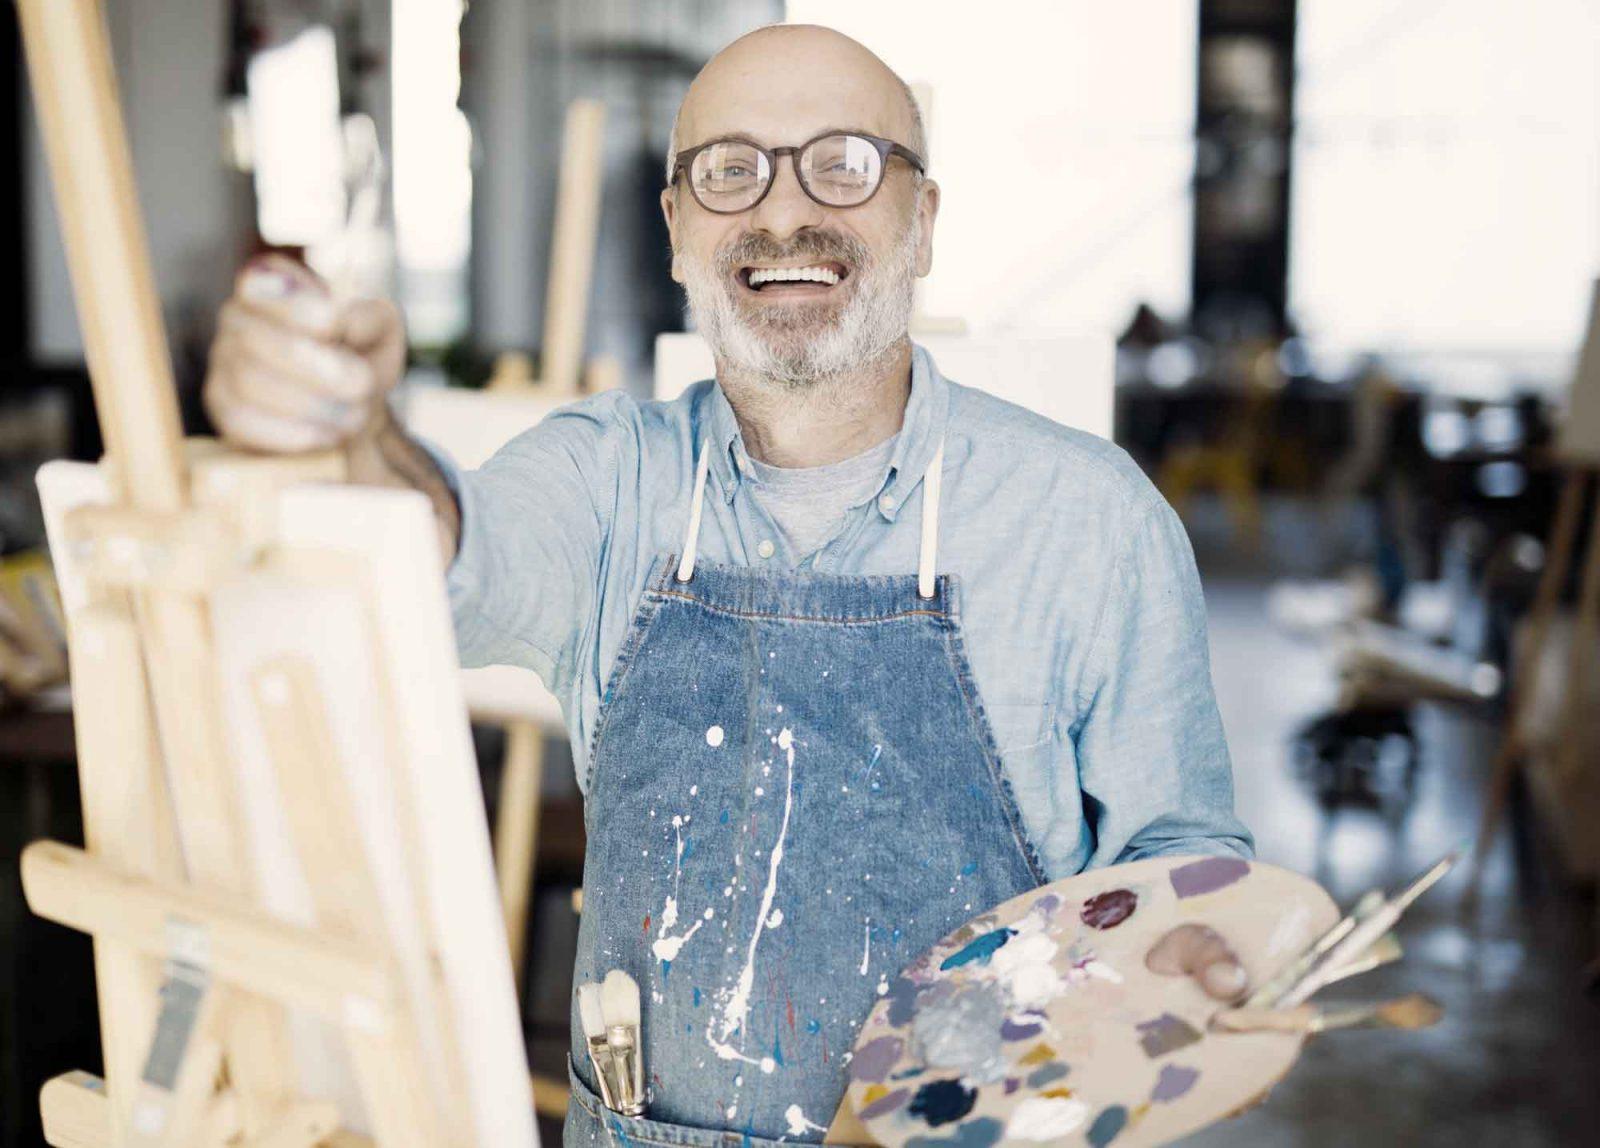 En manlig gäst testar på konstkurs på en konferens på Bokenäset